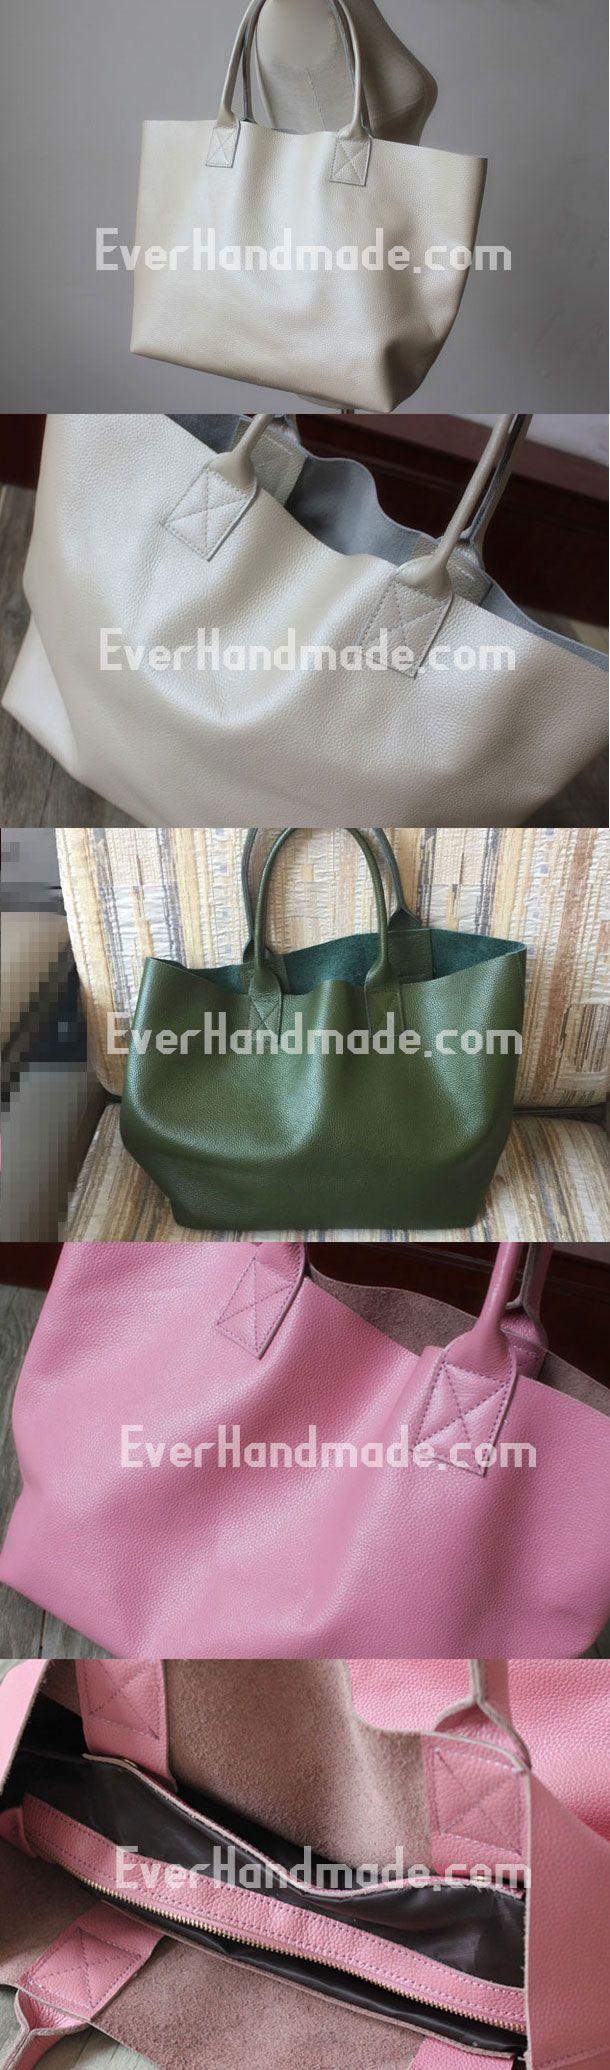 Genuine Leather Bag Handmade Vintage Leather Tote Bag Shoulder